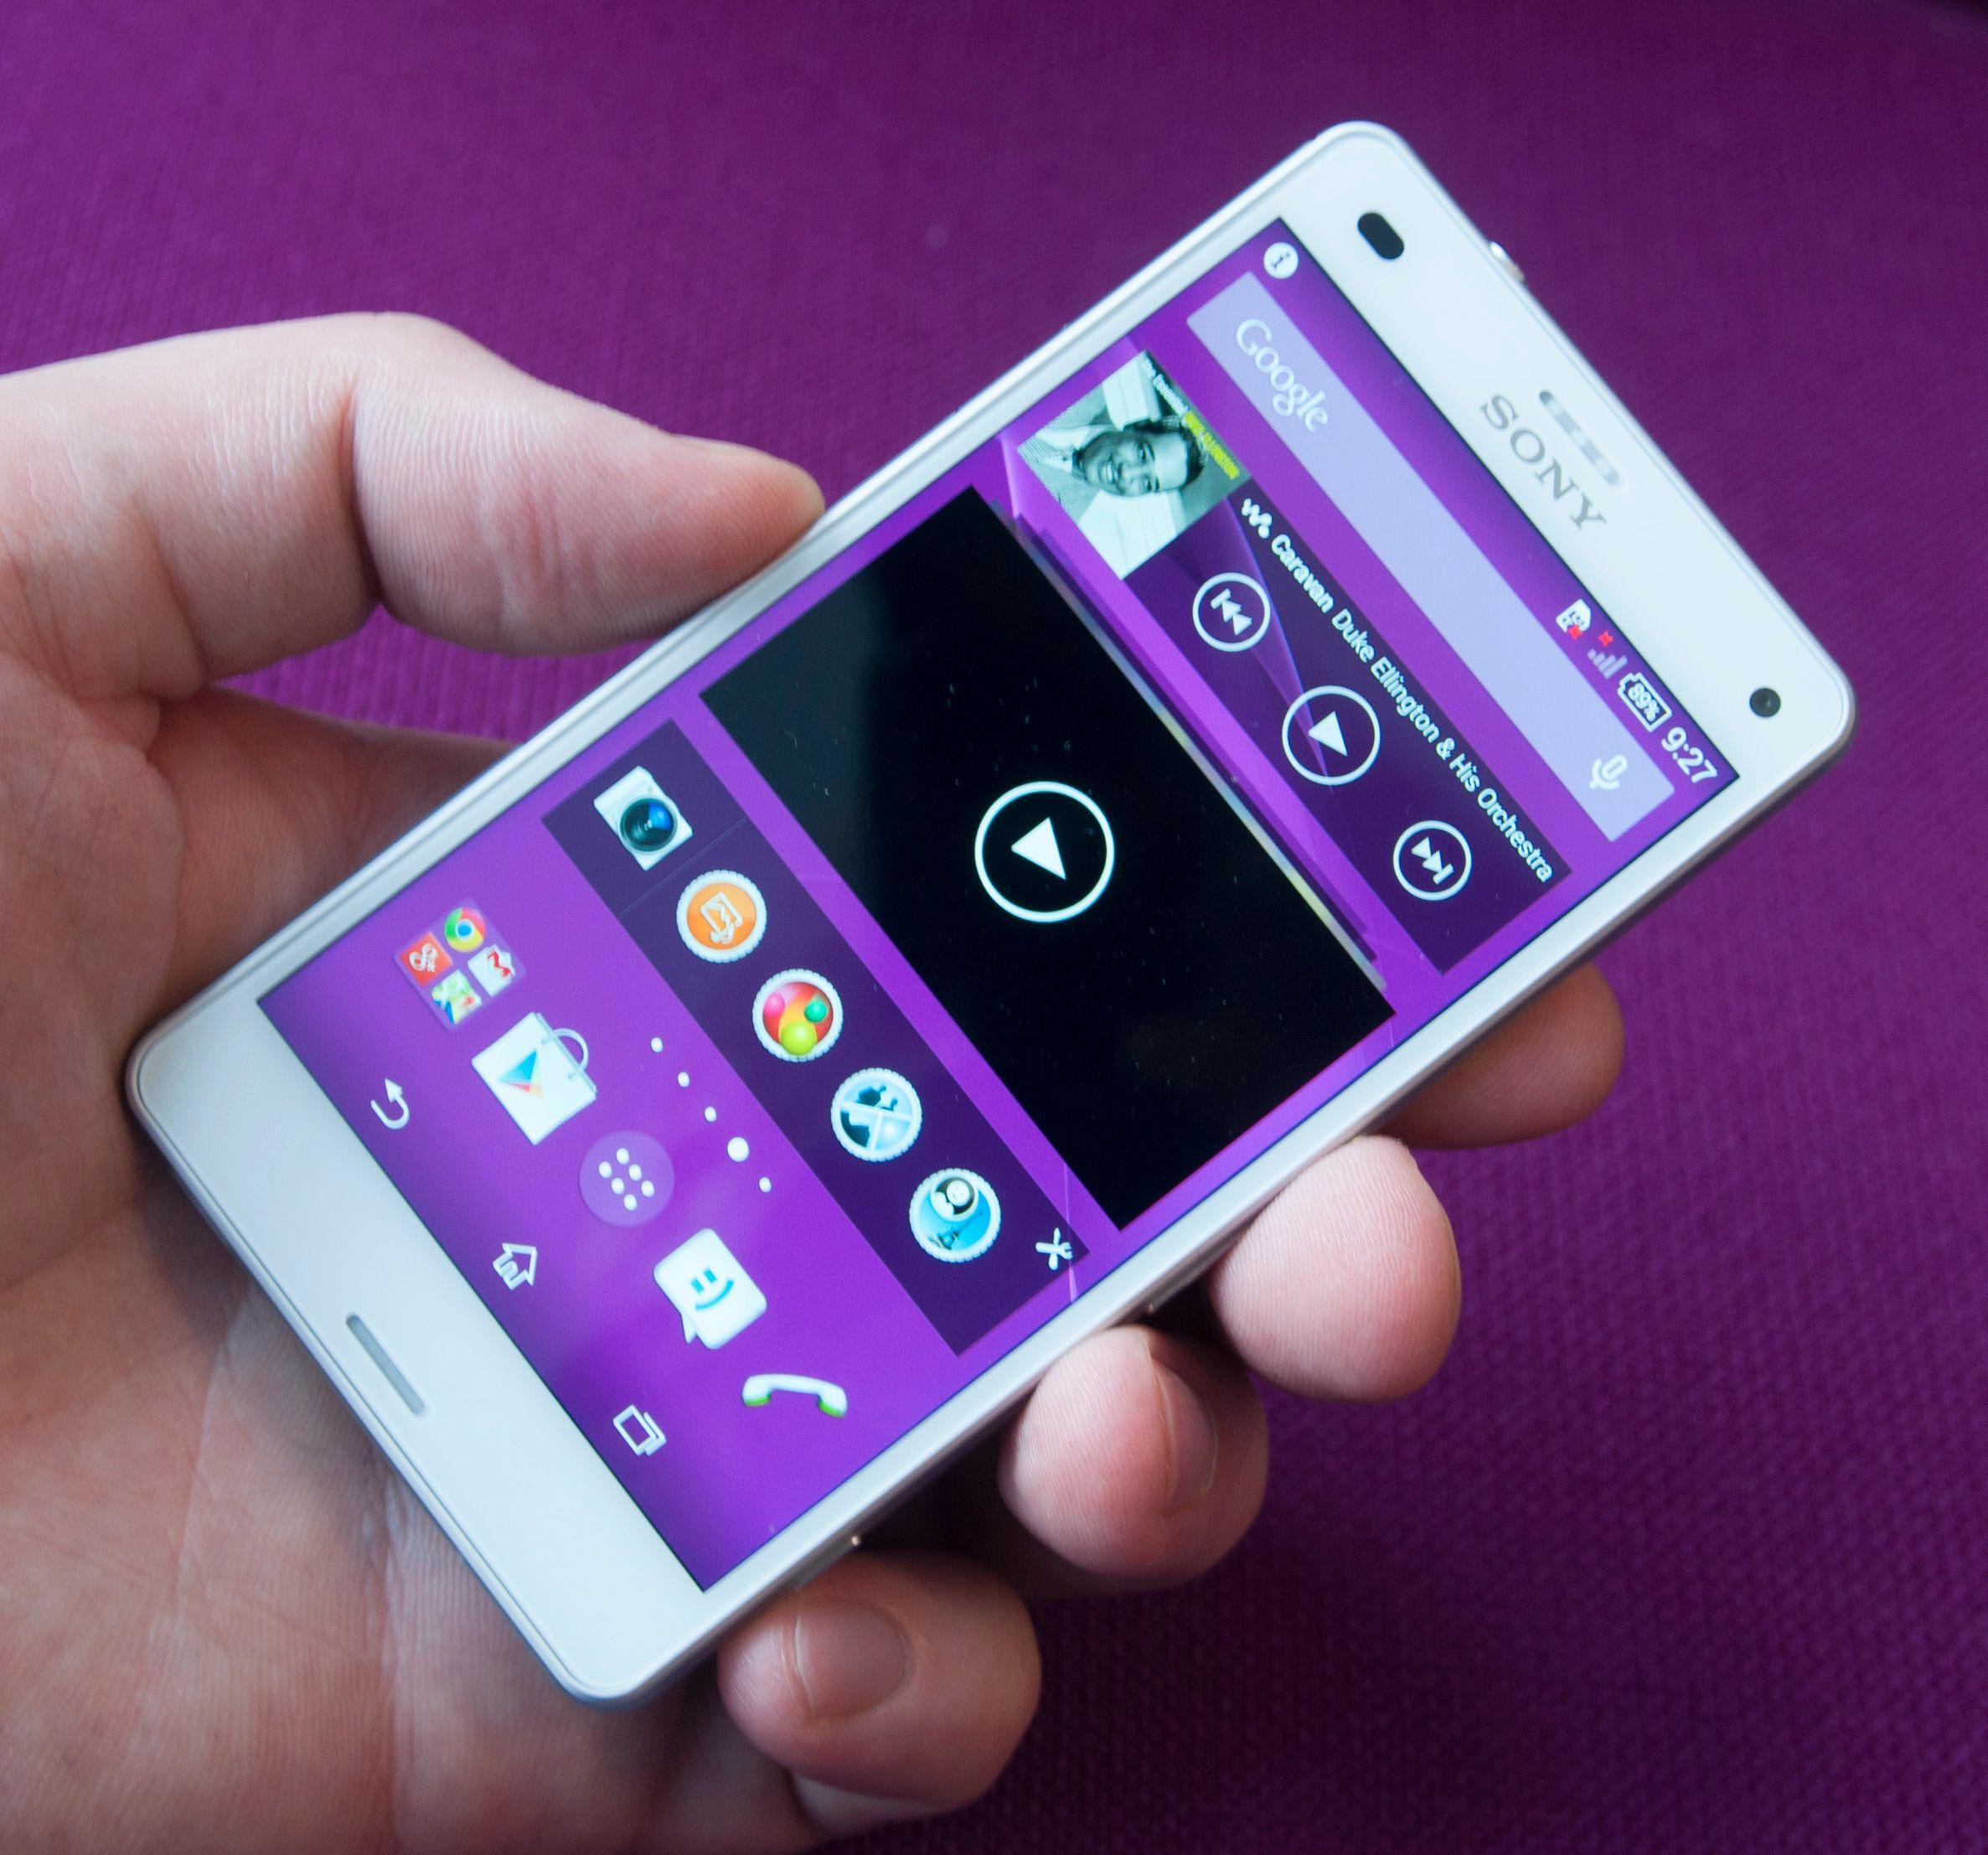 I Sony Xperia Z3 Compact har skjermen økt fra 4,3 til 4,6 tommer. Samtidig har selve mobilen blitt mindre.Foto: Finn Jarle Kvalheim, Amobil.no